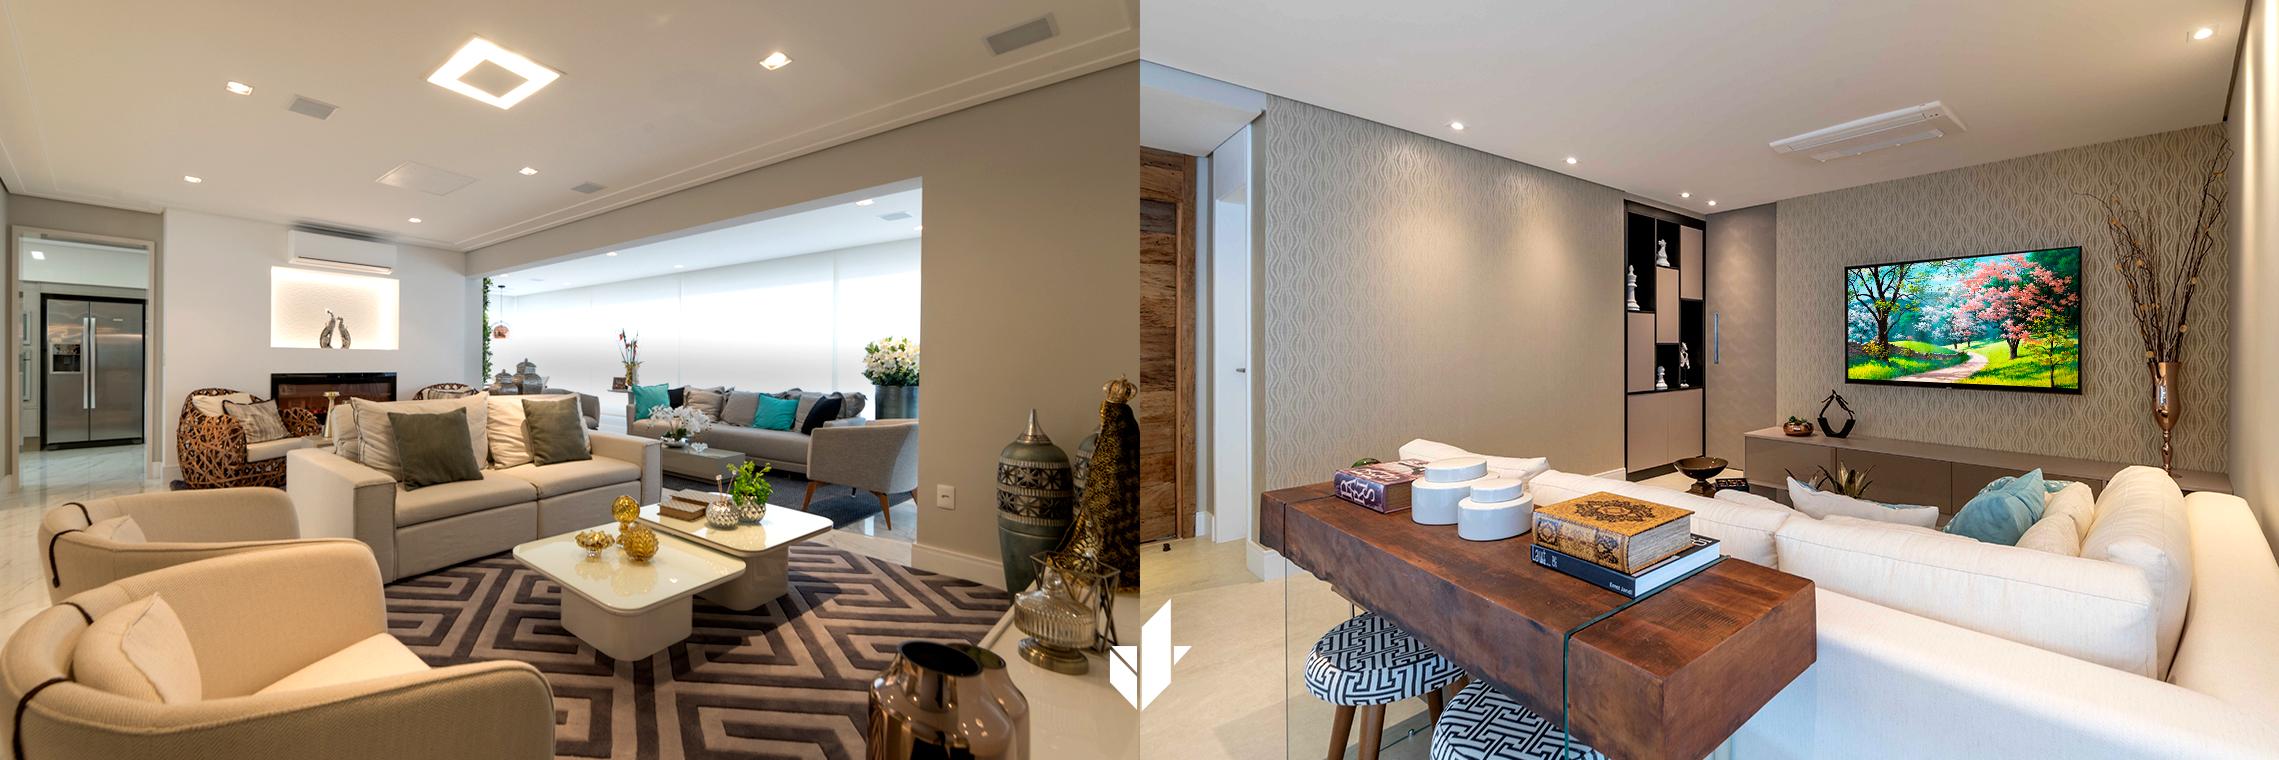 Projetos de arquitetura para residências de alto padrão   Johnny Viana Arquitetura e Design de Interiores